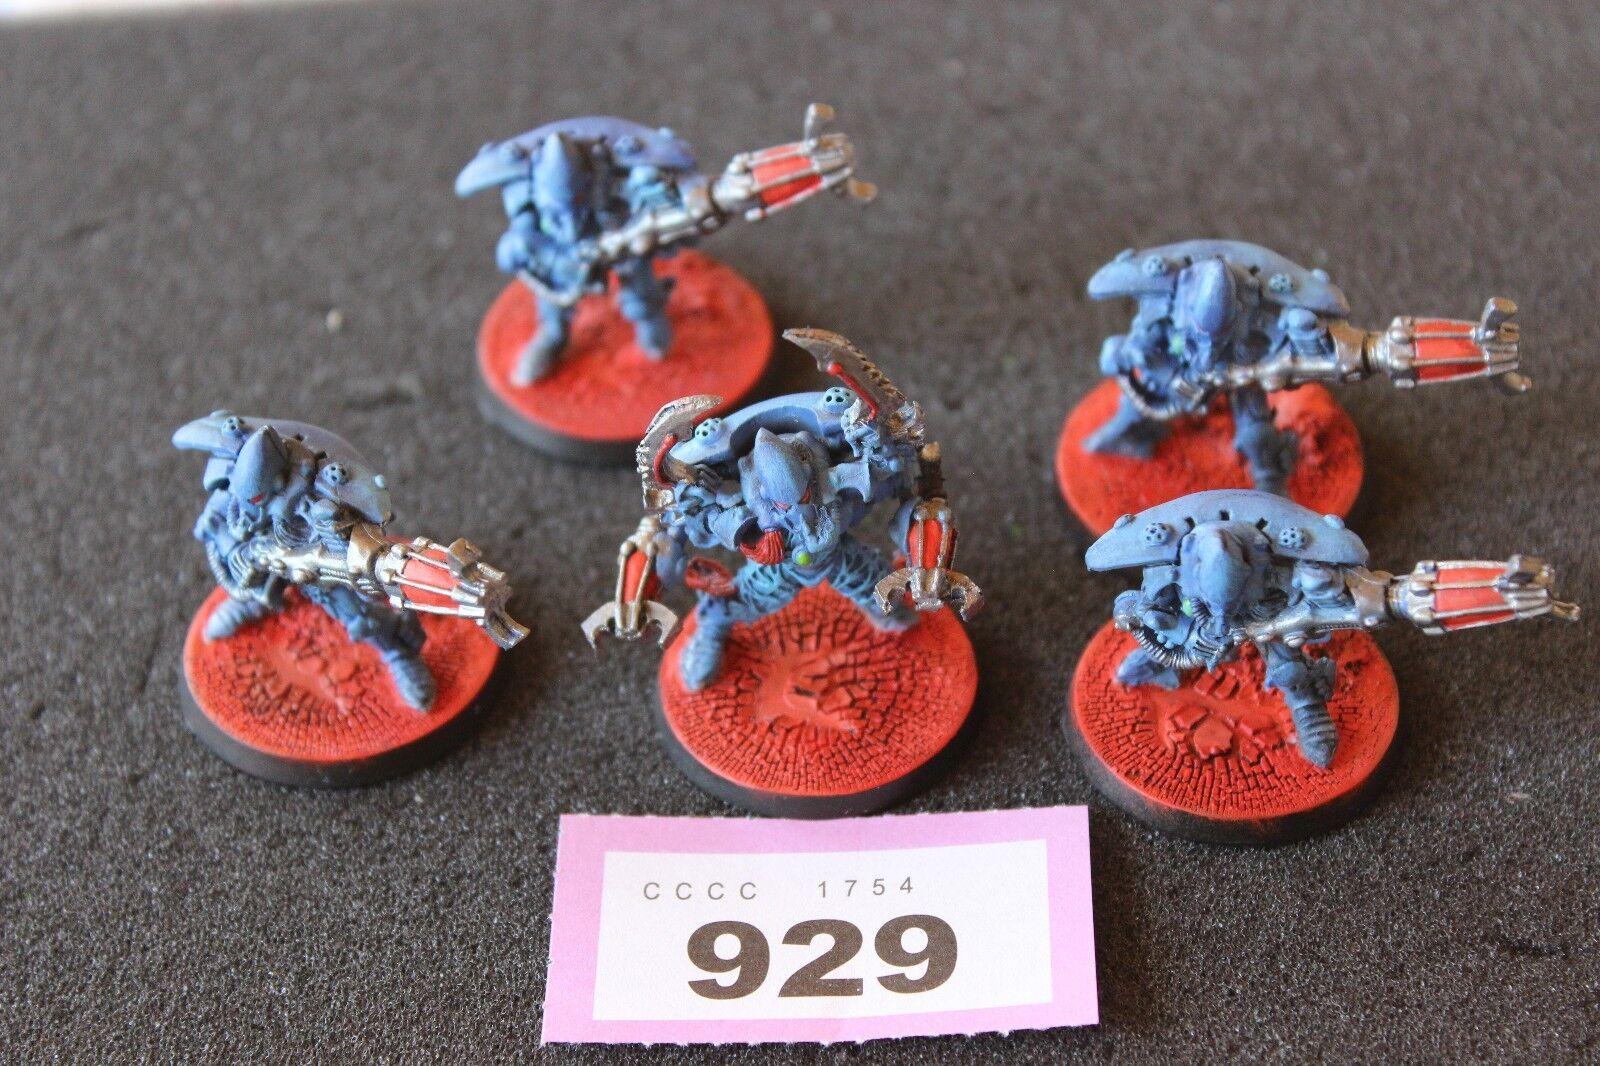 Games Workshop Warhammer 40K Eldar Warp Spiders Squad Finecast 32mm Bases WH40K